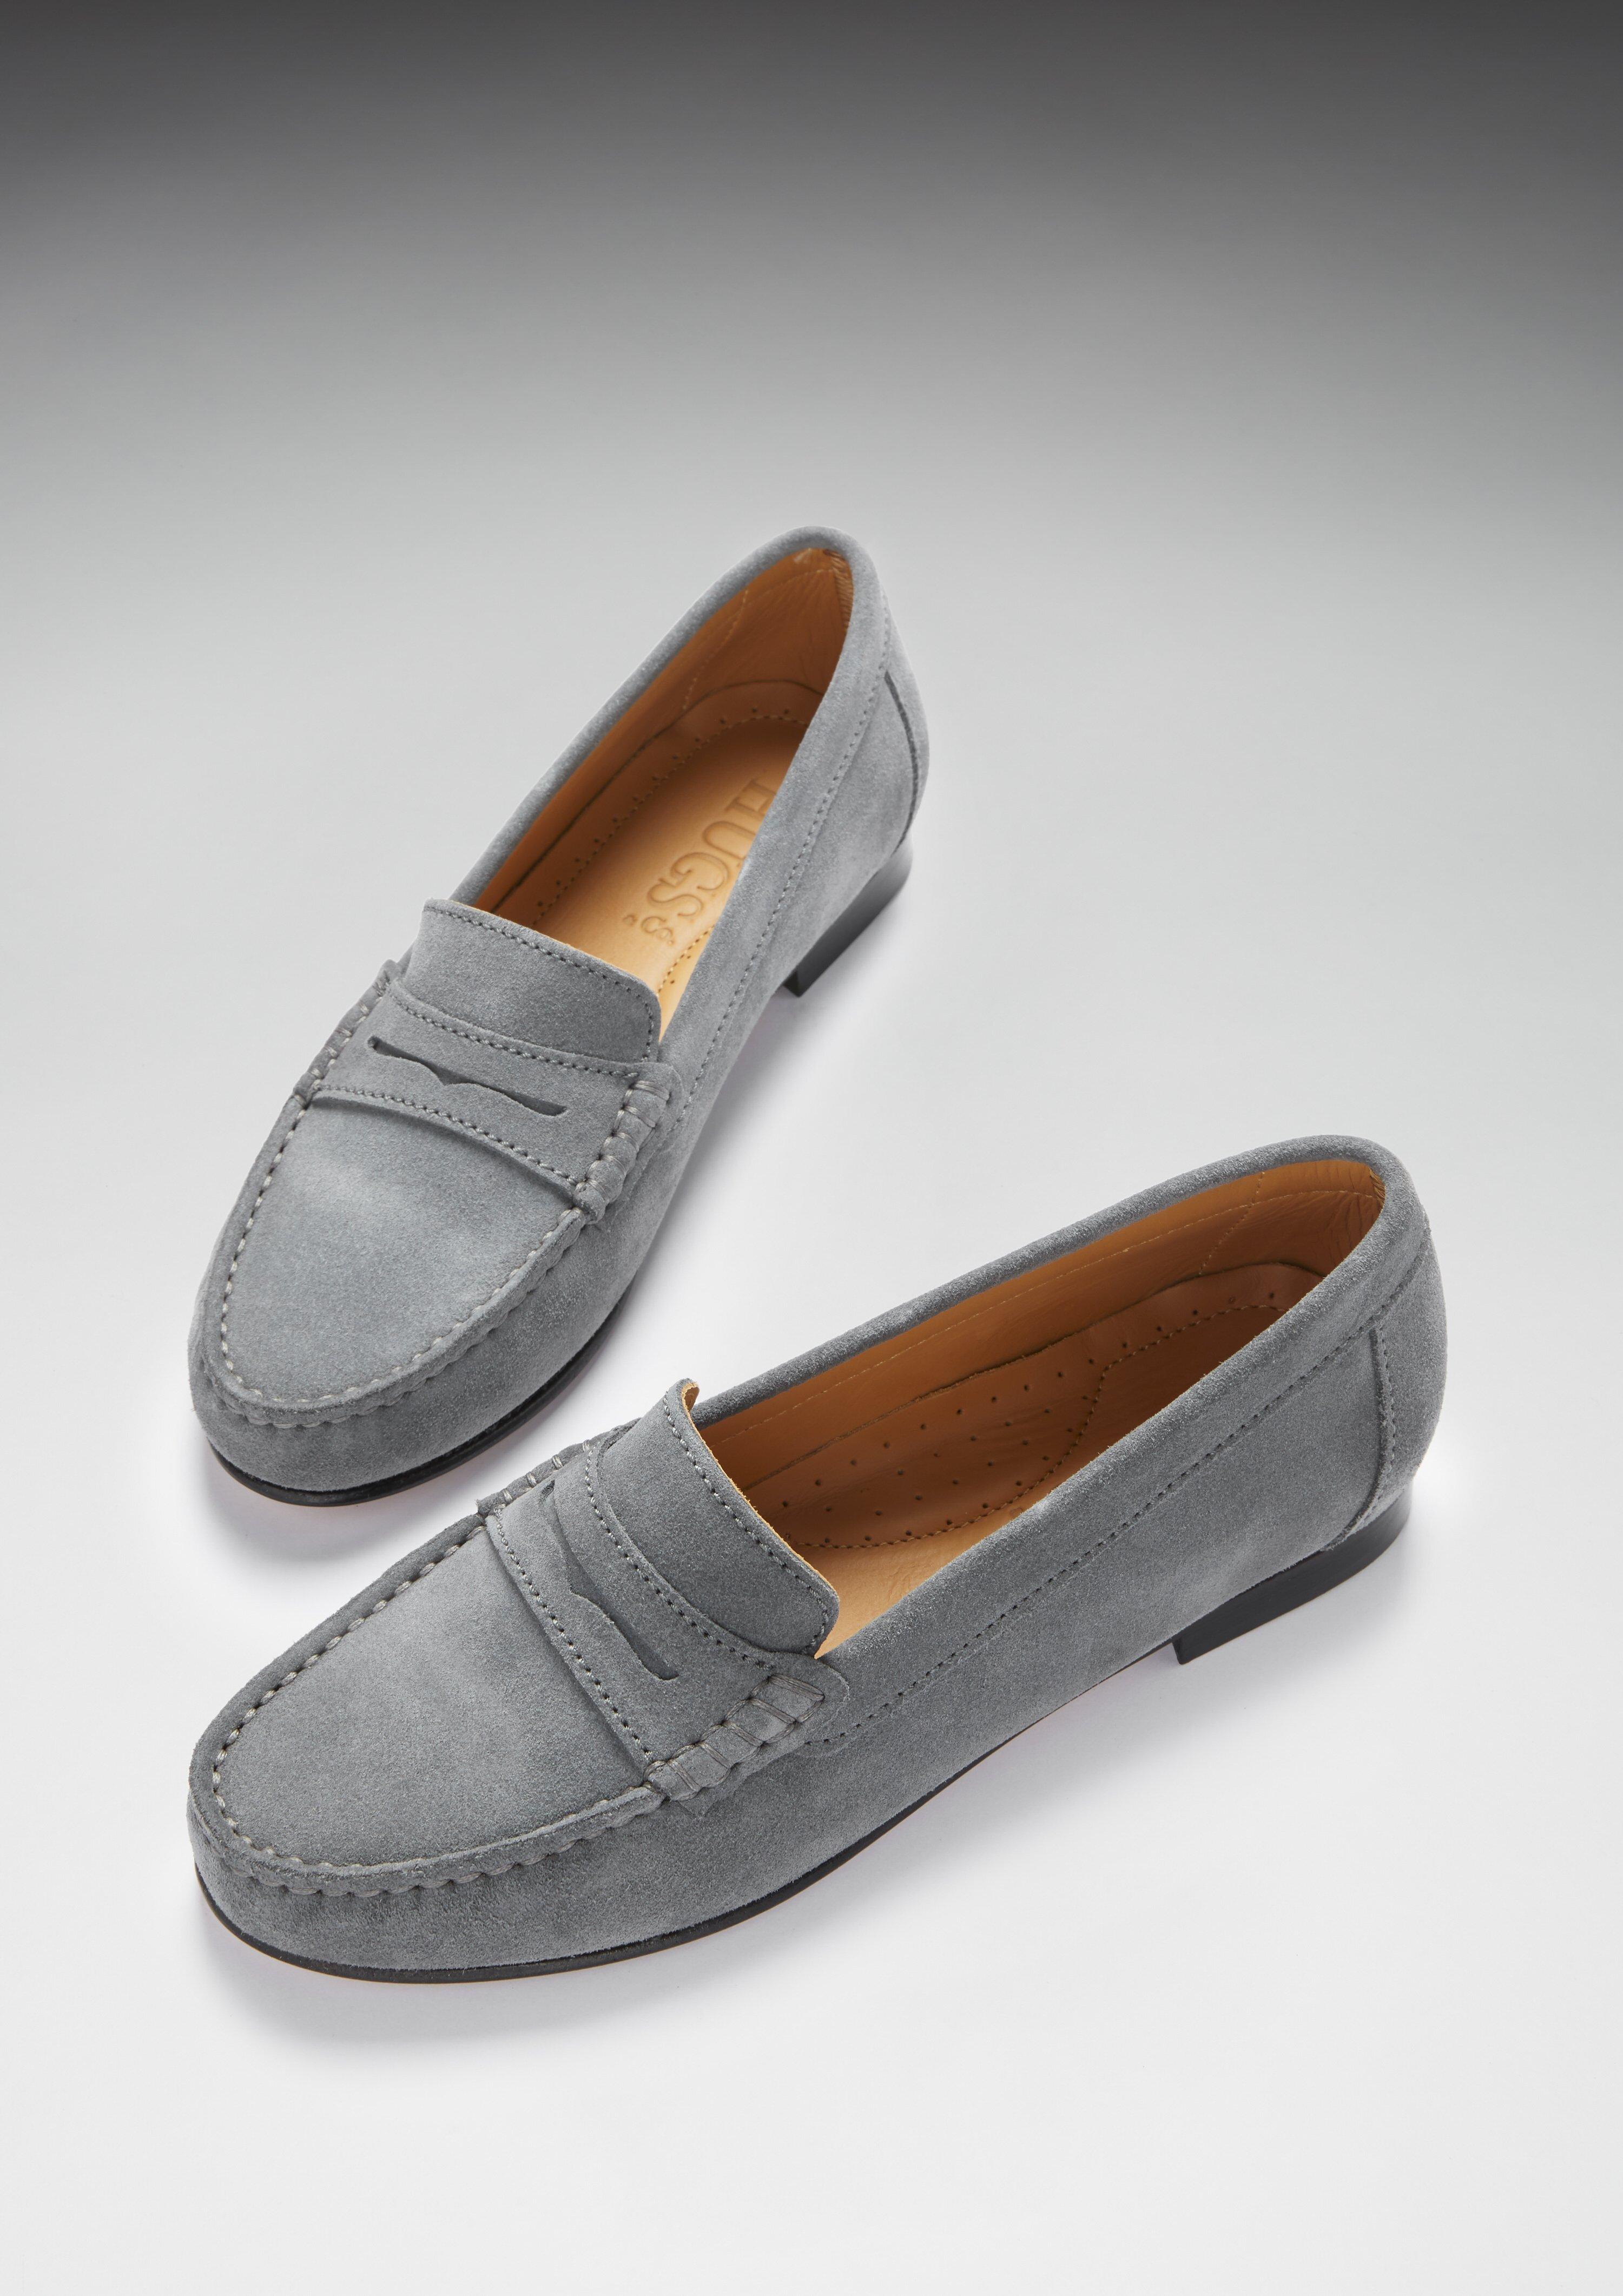 Hugs \u0026 Co Womens penny loafers leather